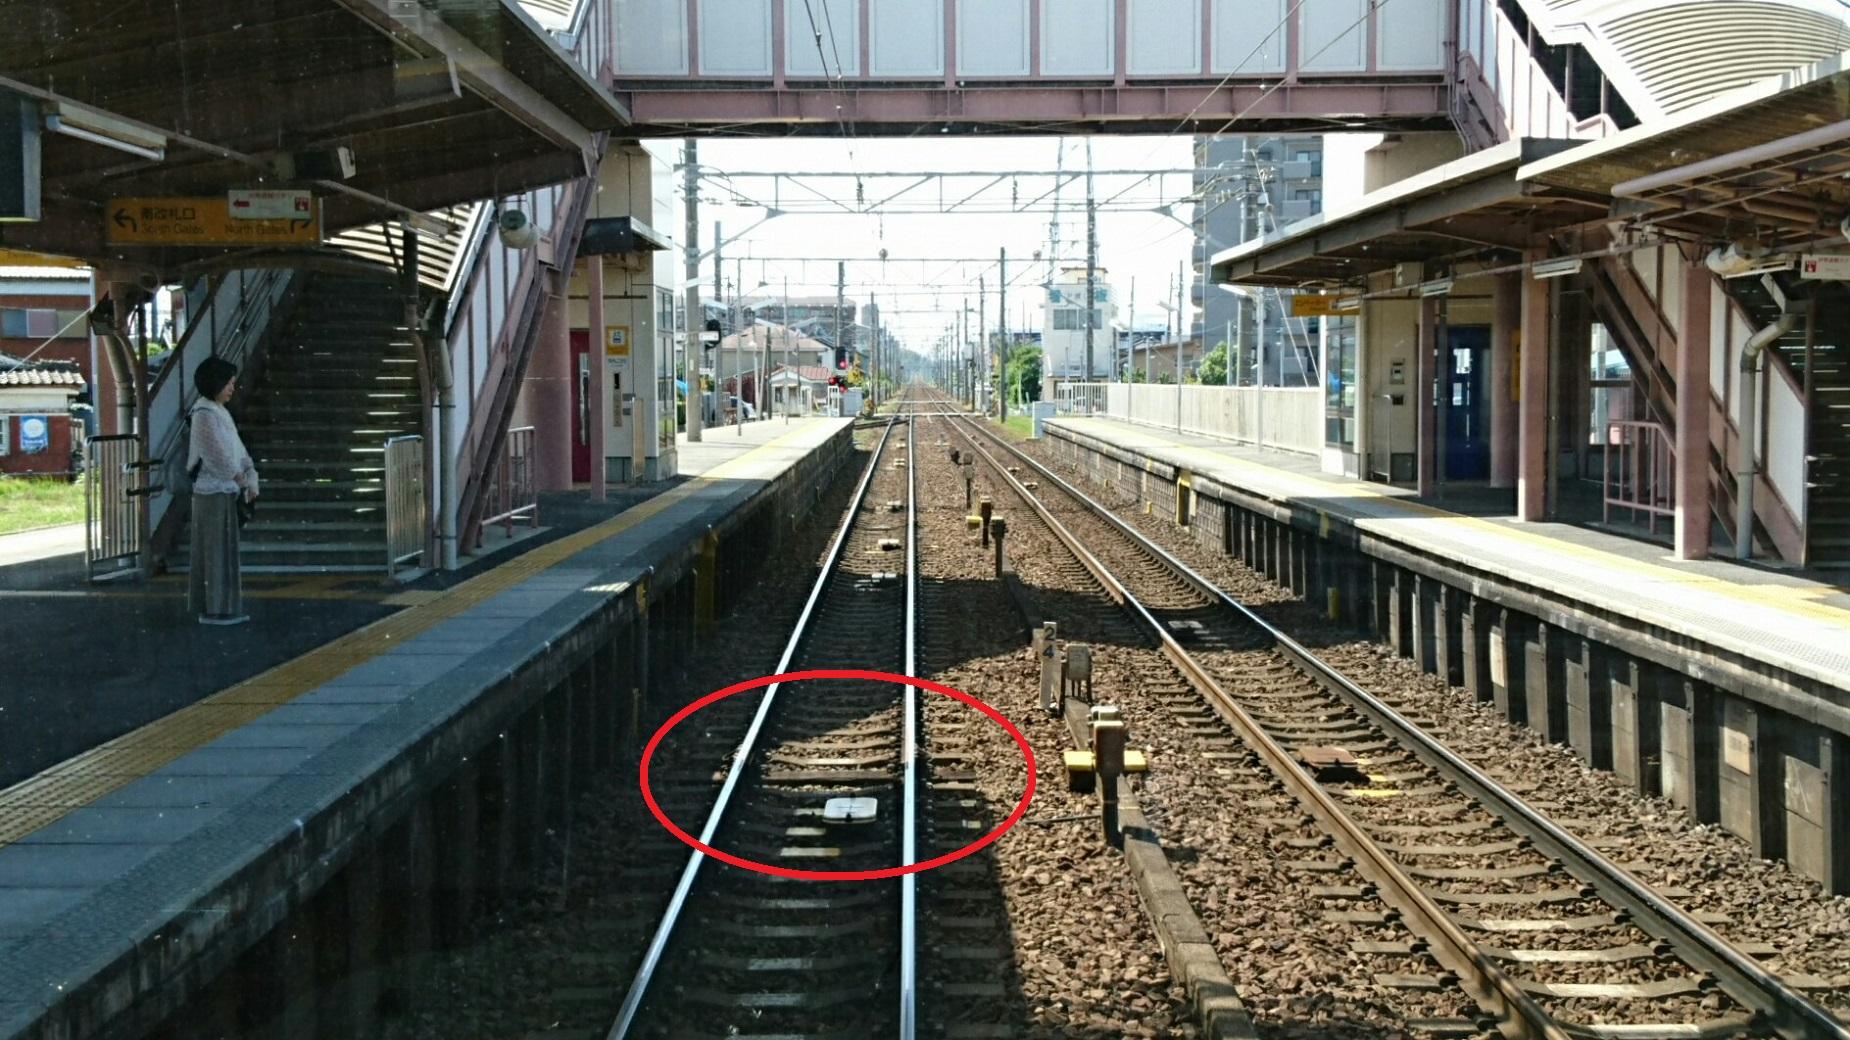 2018.5.14 犬山いきふつう (13) 矢作橋 1440-810